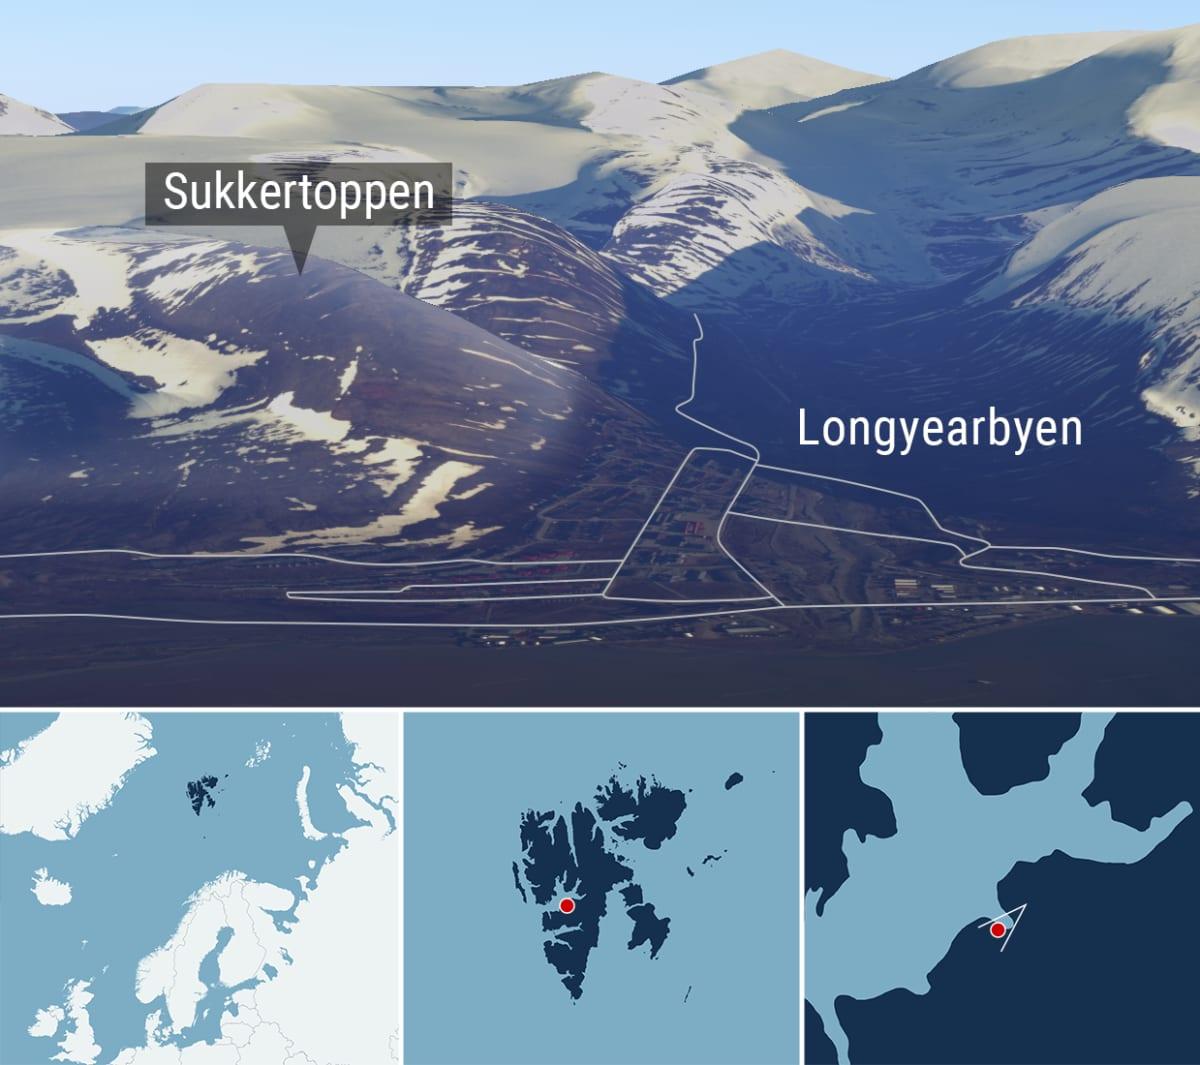 Kartta Sukkertoppen-vuoren sijainnista Longyearbyenin kylässä Huippuvuorilla.